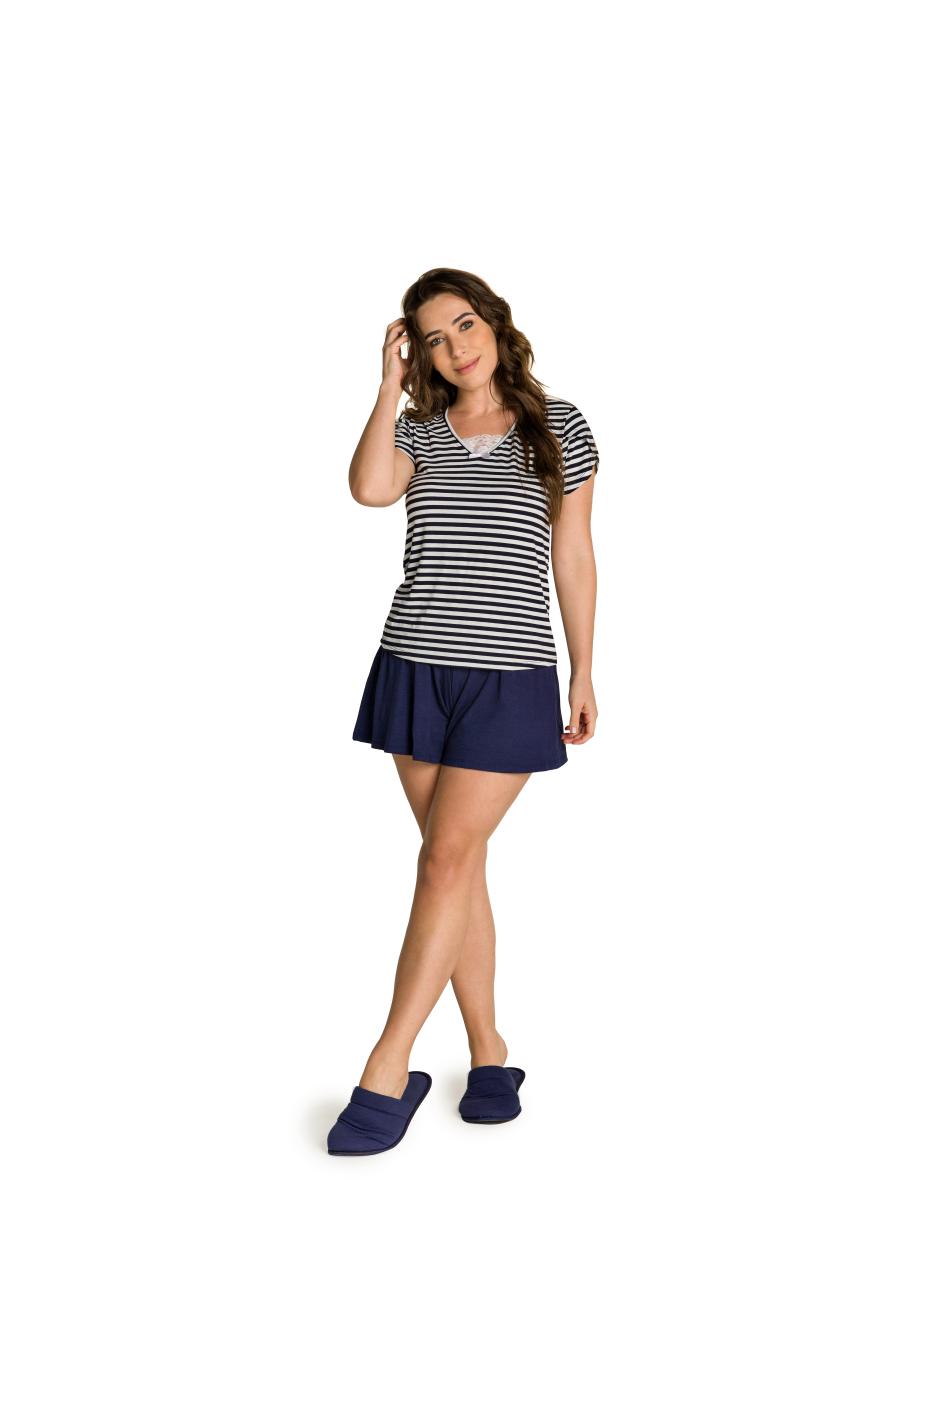 012/B - Short Doll Adulto Feminino Listrado com Laço e Renda